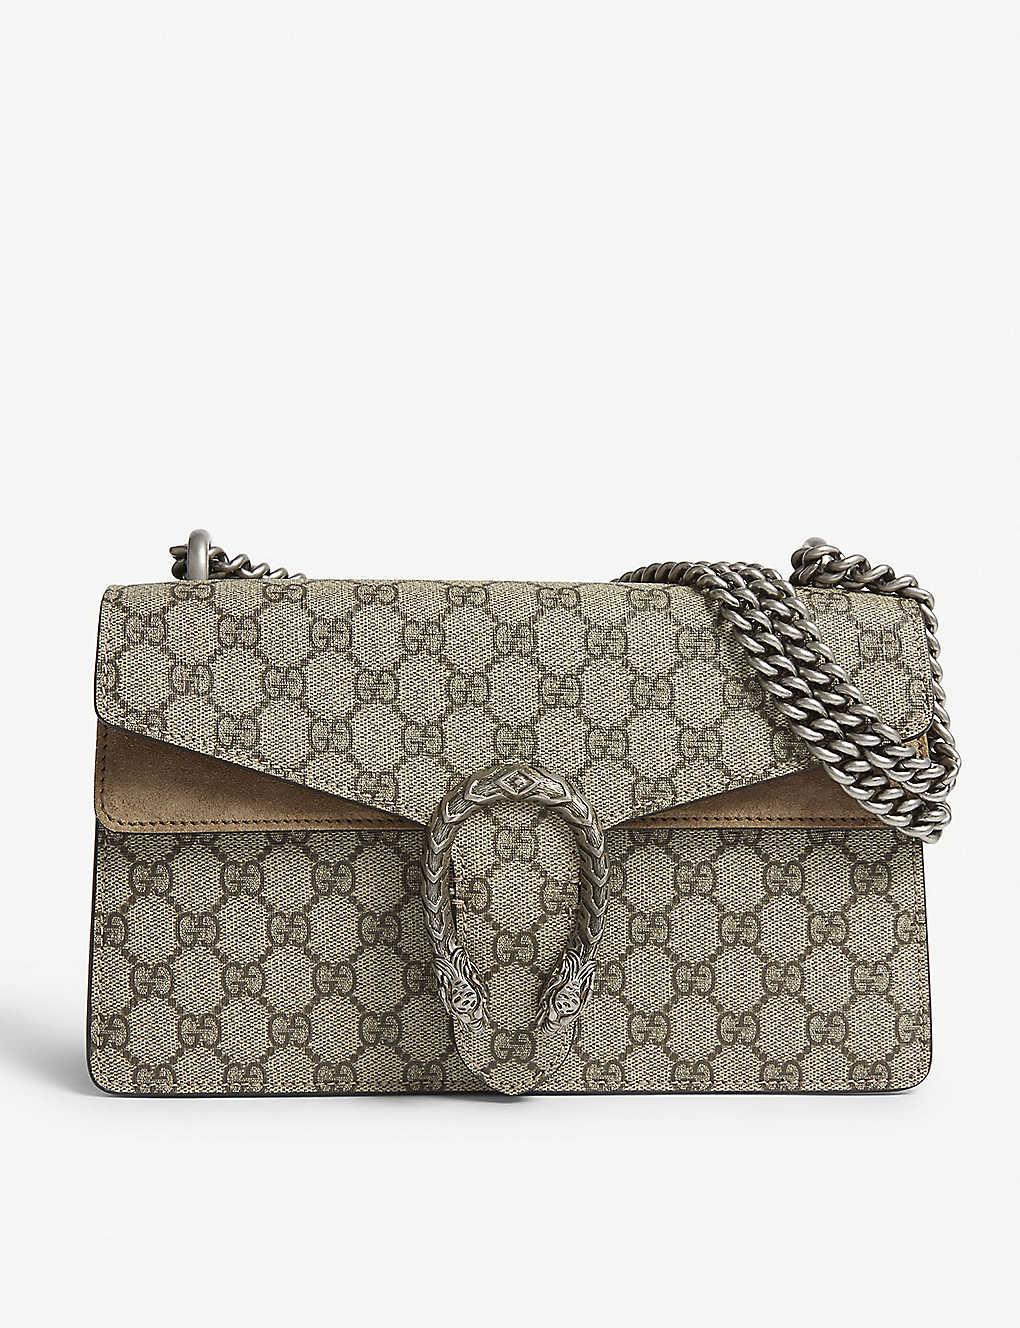 6184e23f6 GUCCI - Dionysus shoulder bag | Selfridges.com